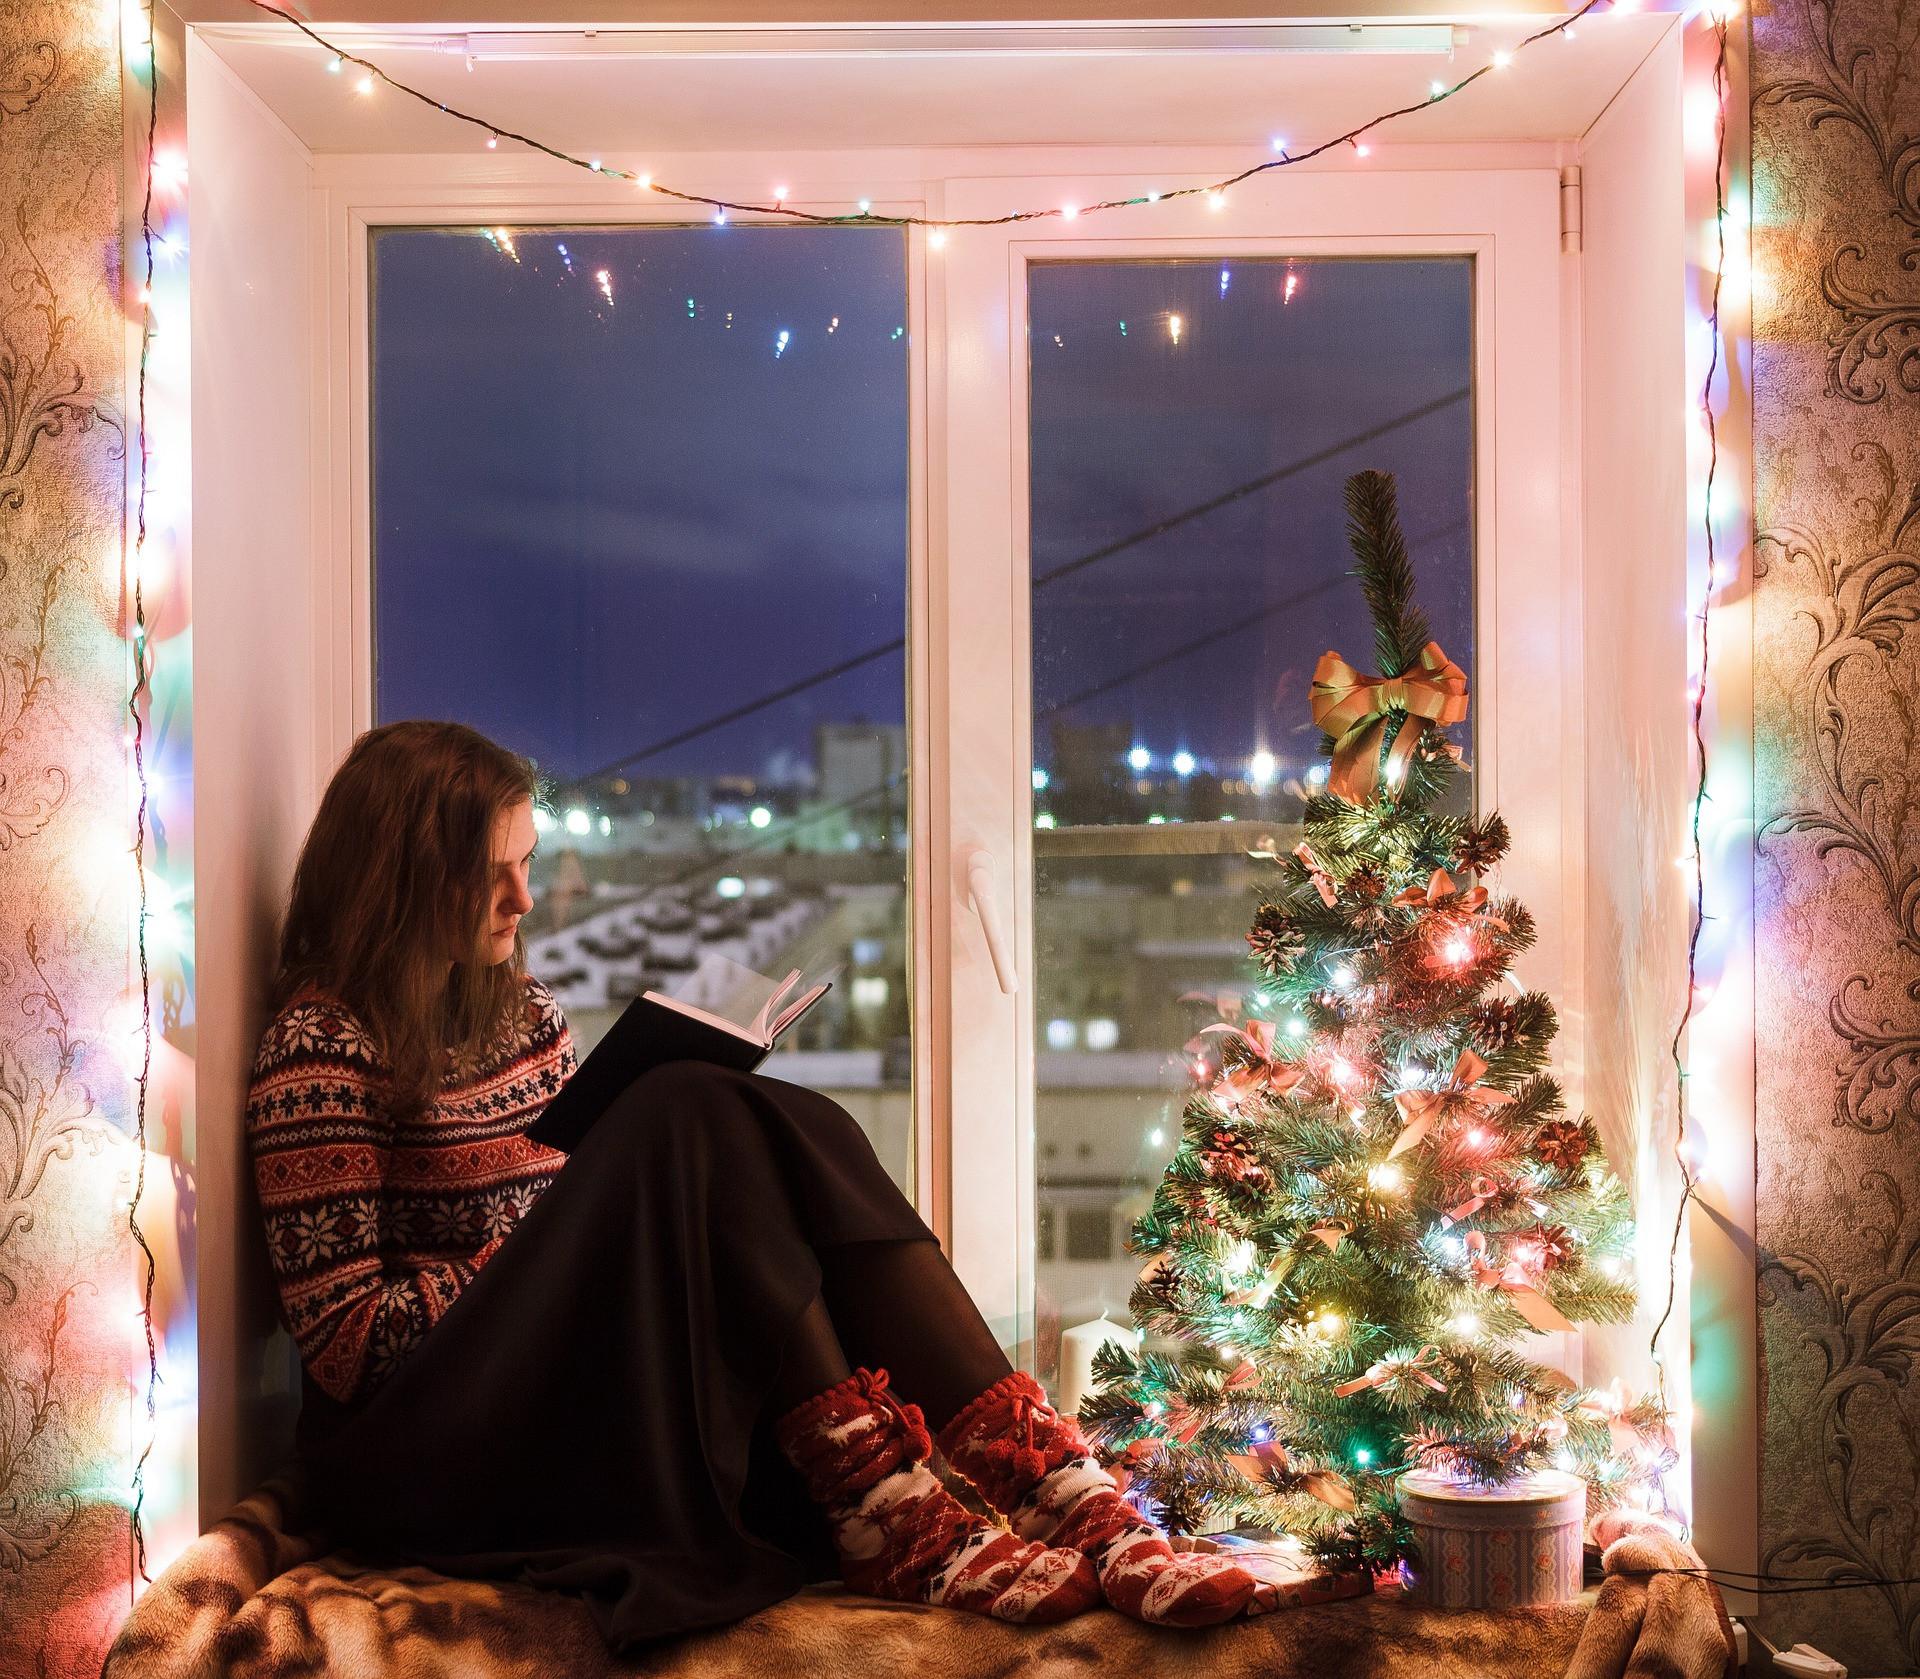 Календарь удачи: как провести первые 12 дней января, чтобы год прошел счастливо